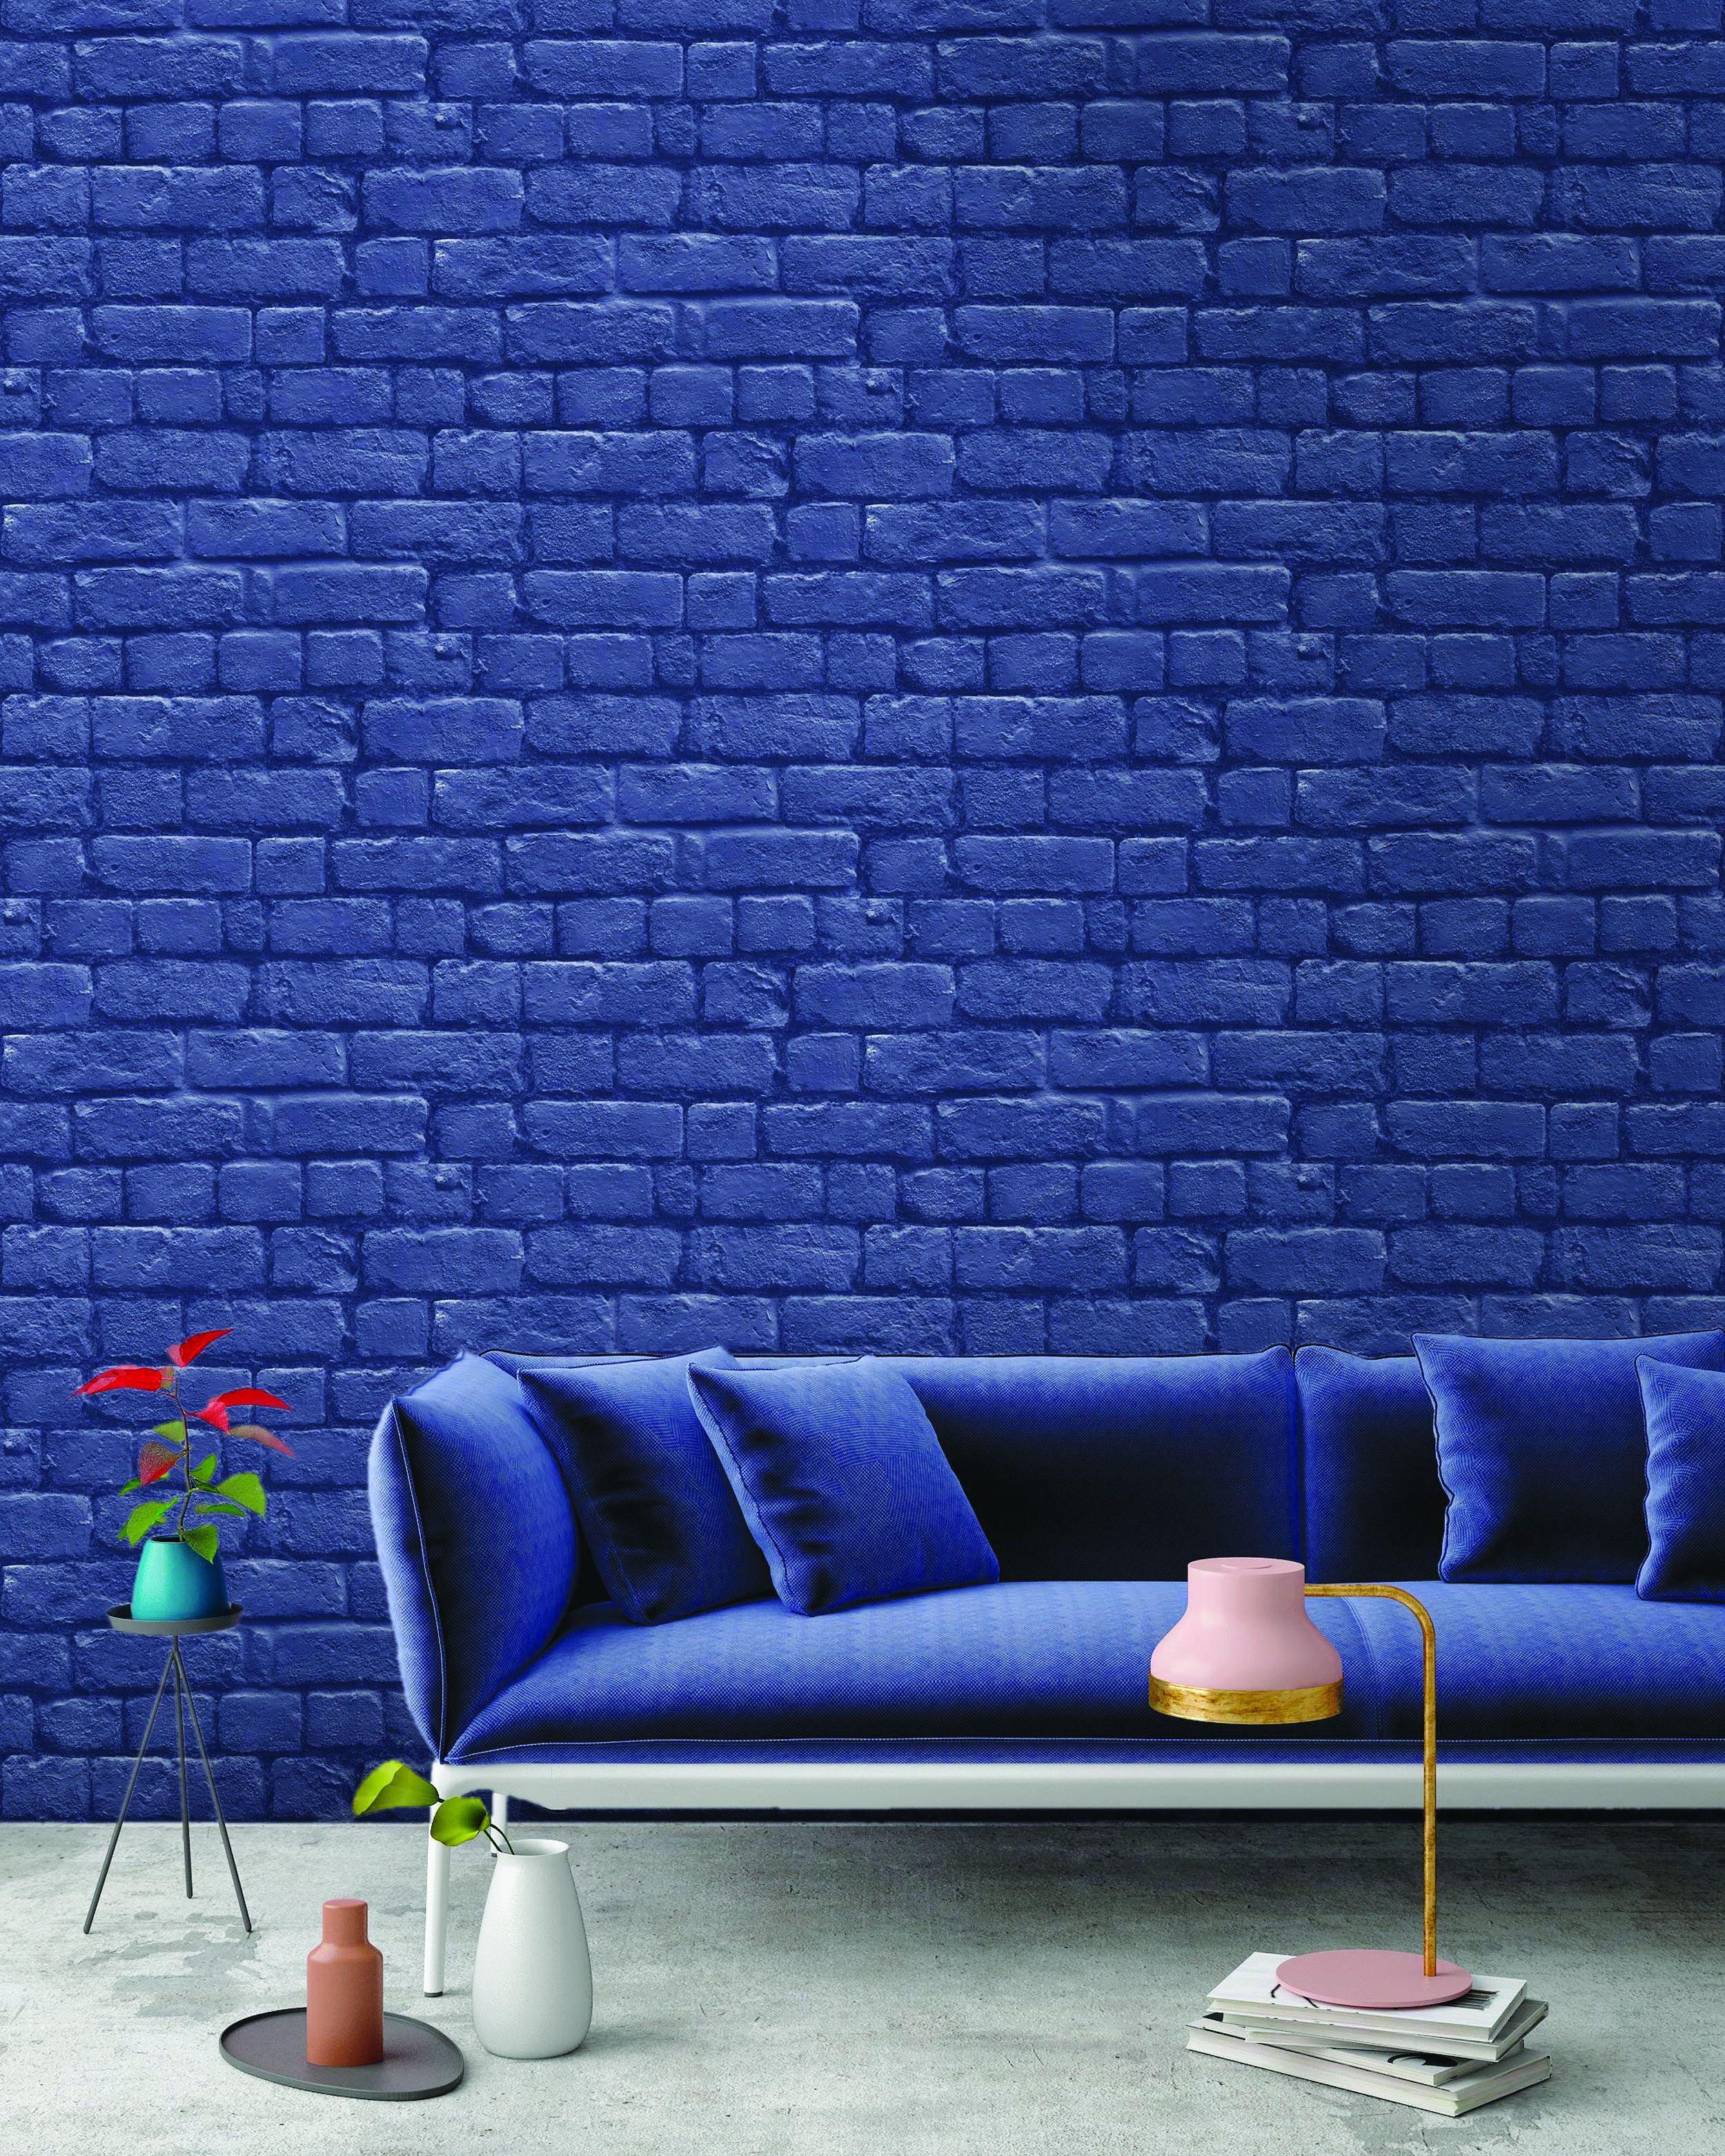 Blue Brick Wallpaper Wallpaper Living Room Brick Wallp